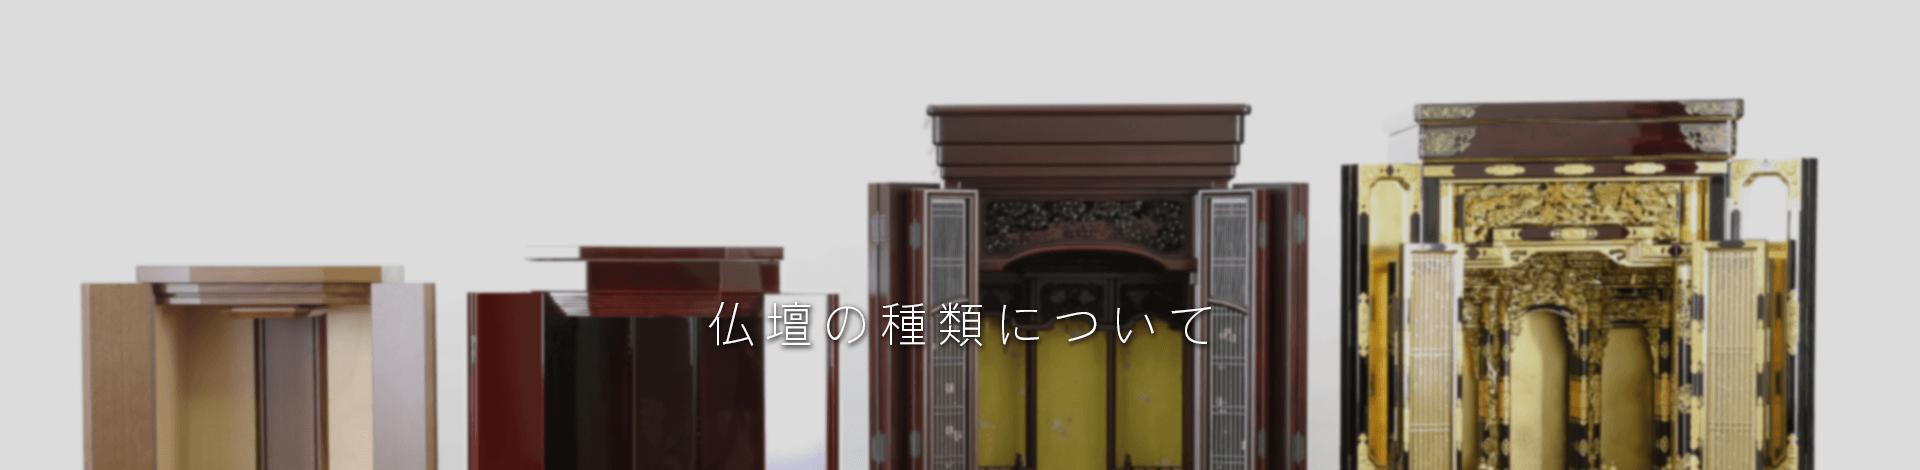 仏壇の種類についてのページです